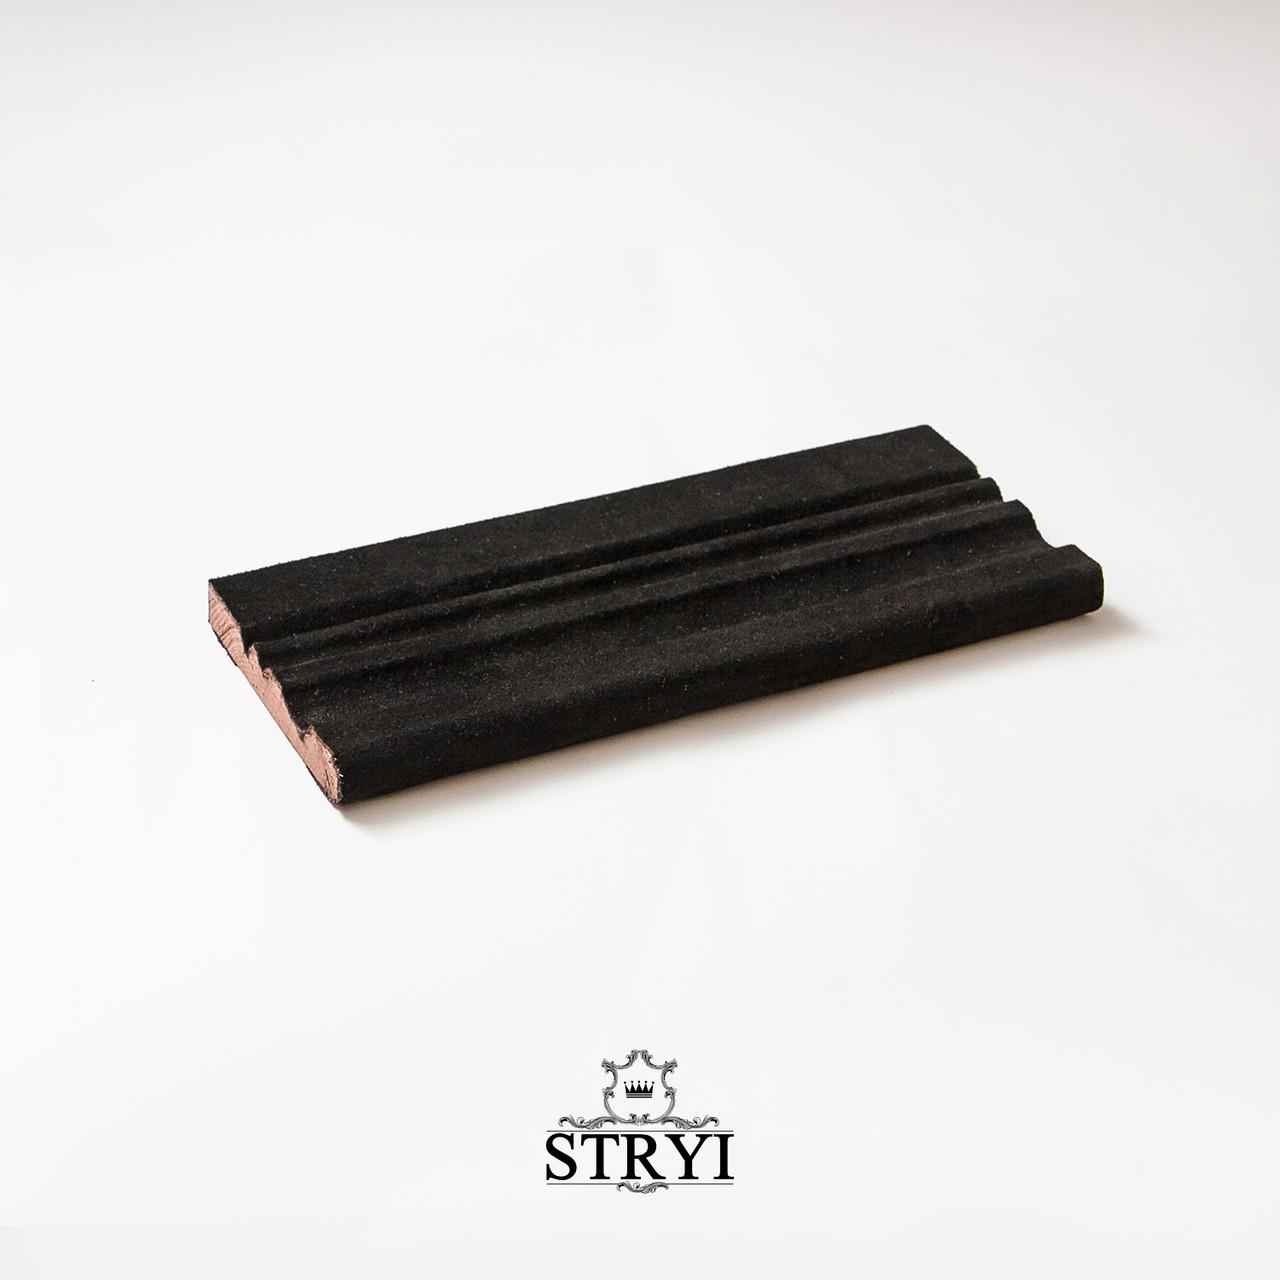 Профильный брусок для заточки, правки и доводки инструмента 30 см